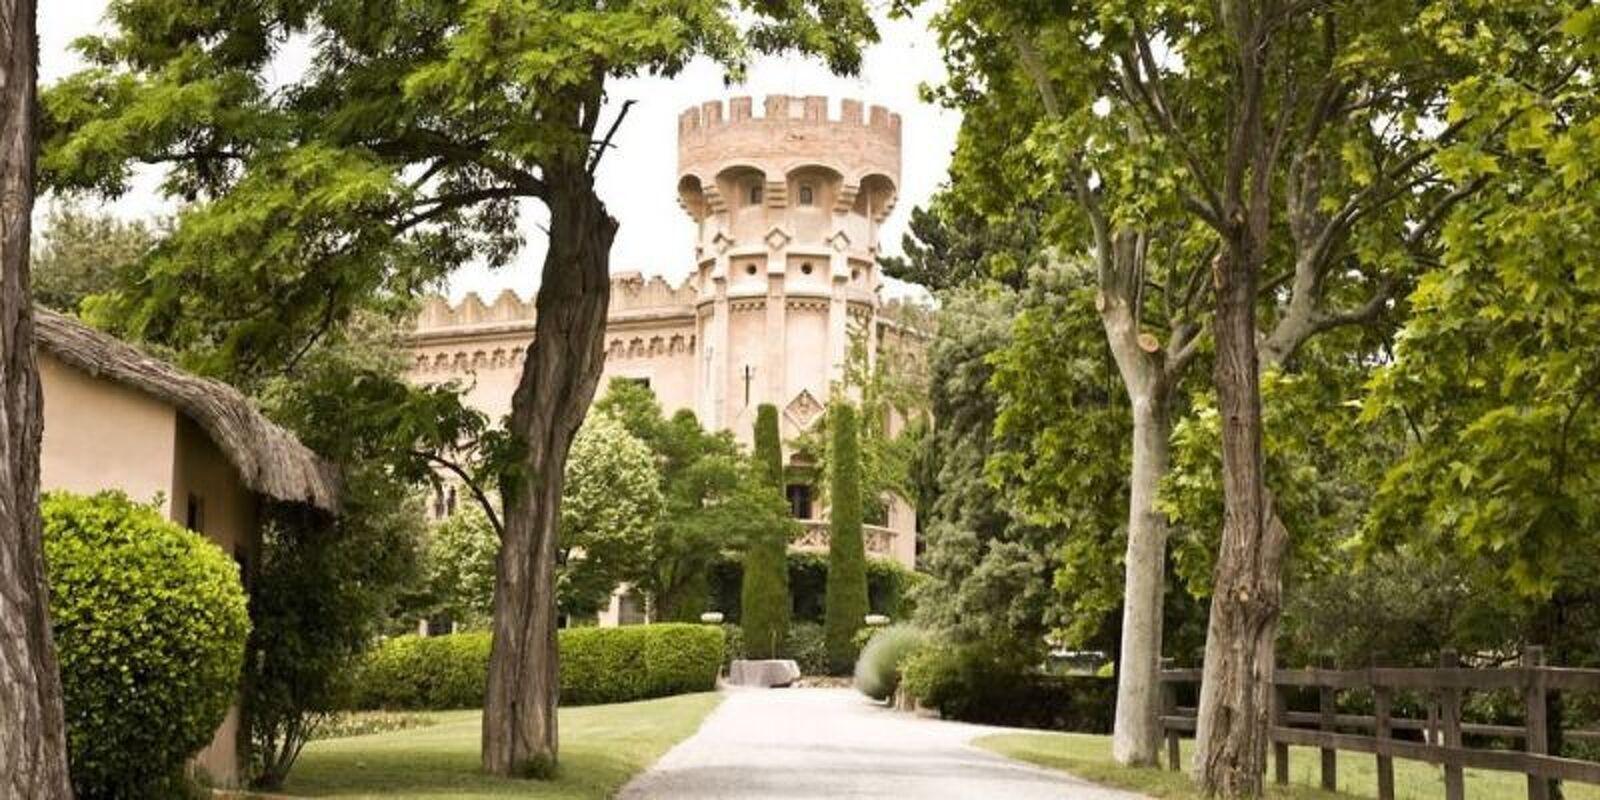 El castell de sant Marçal, des d'una altra perspectiva